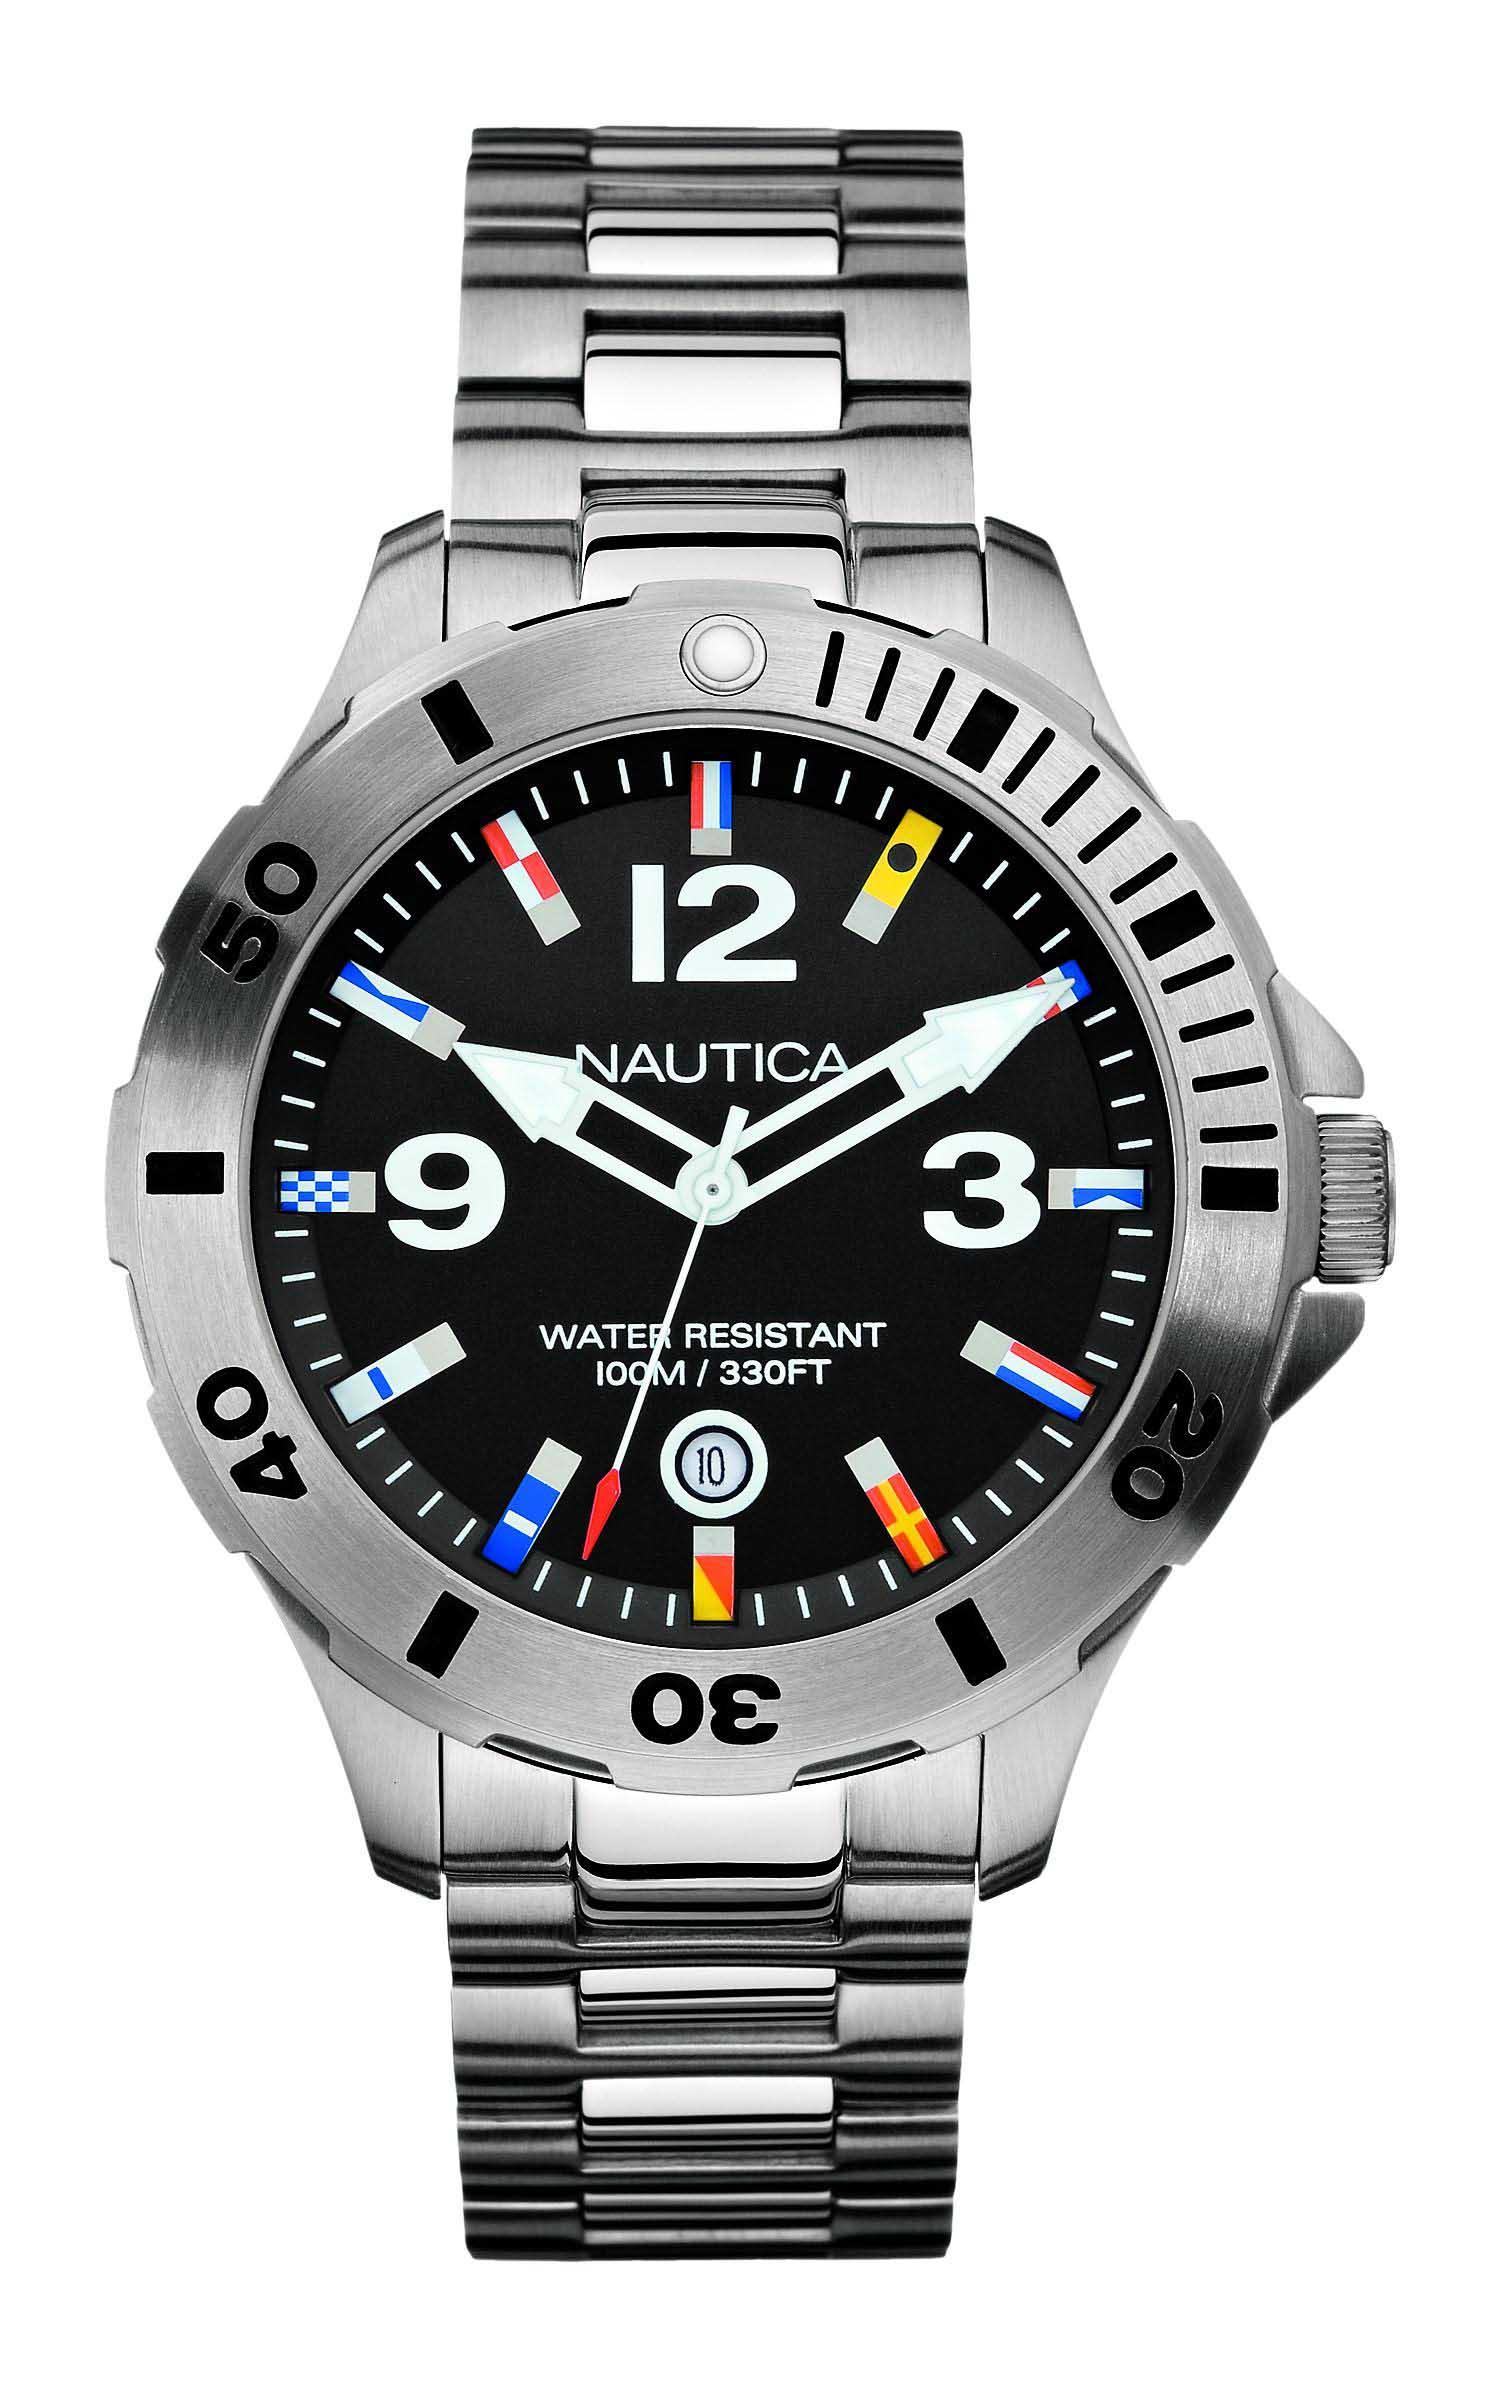 67aafe4dfaf Relógio Nautica Masculino Aço - A15573G